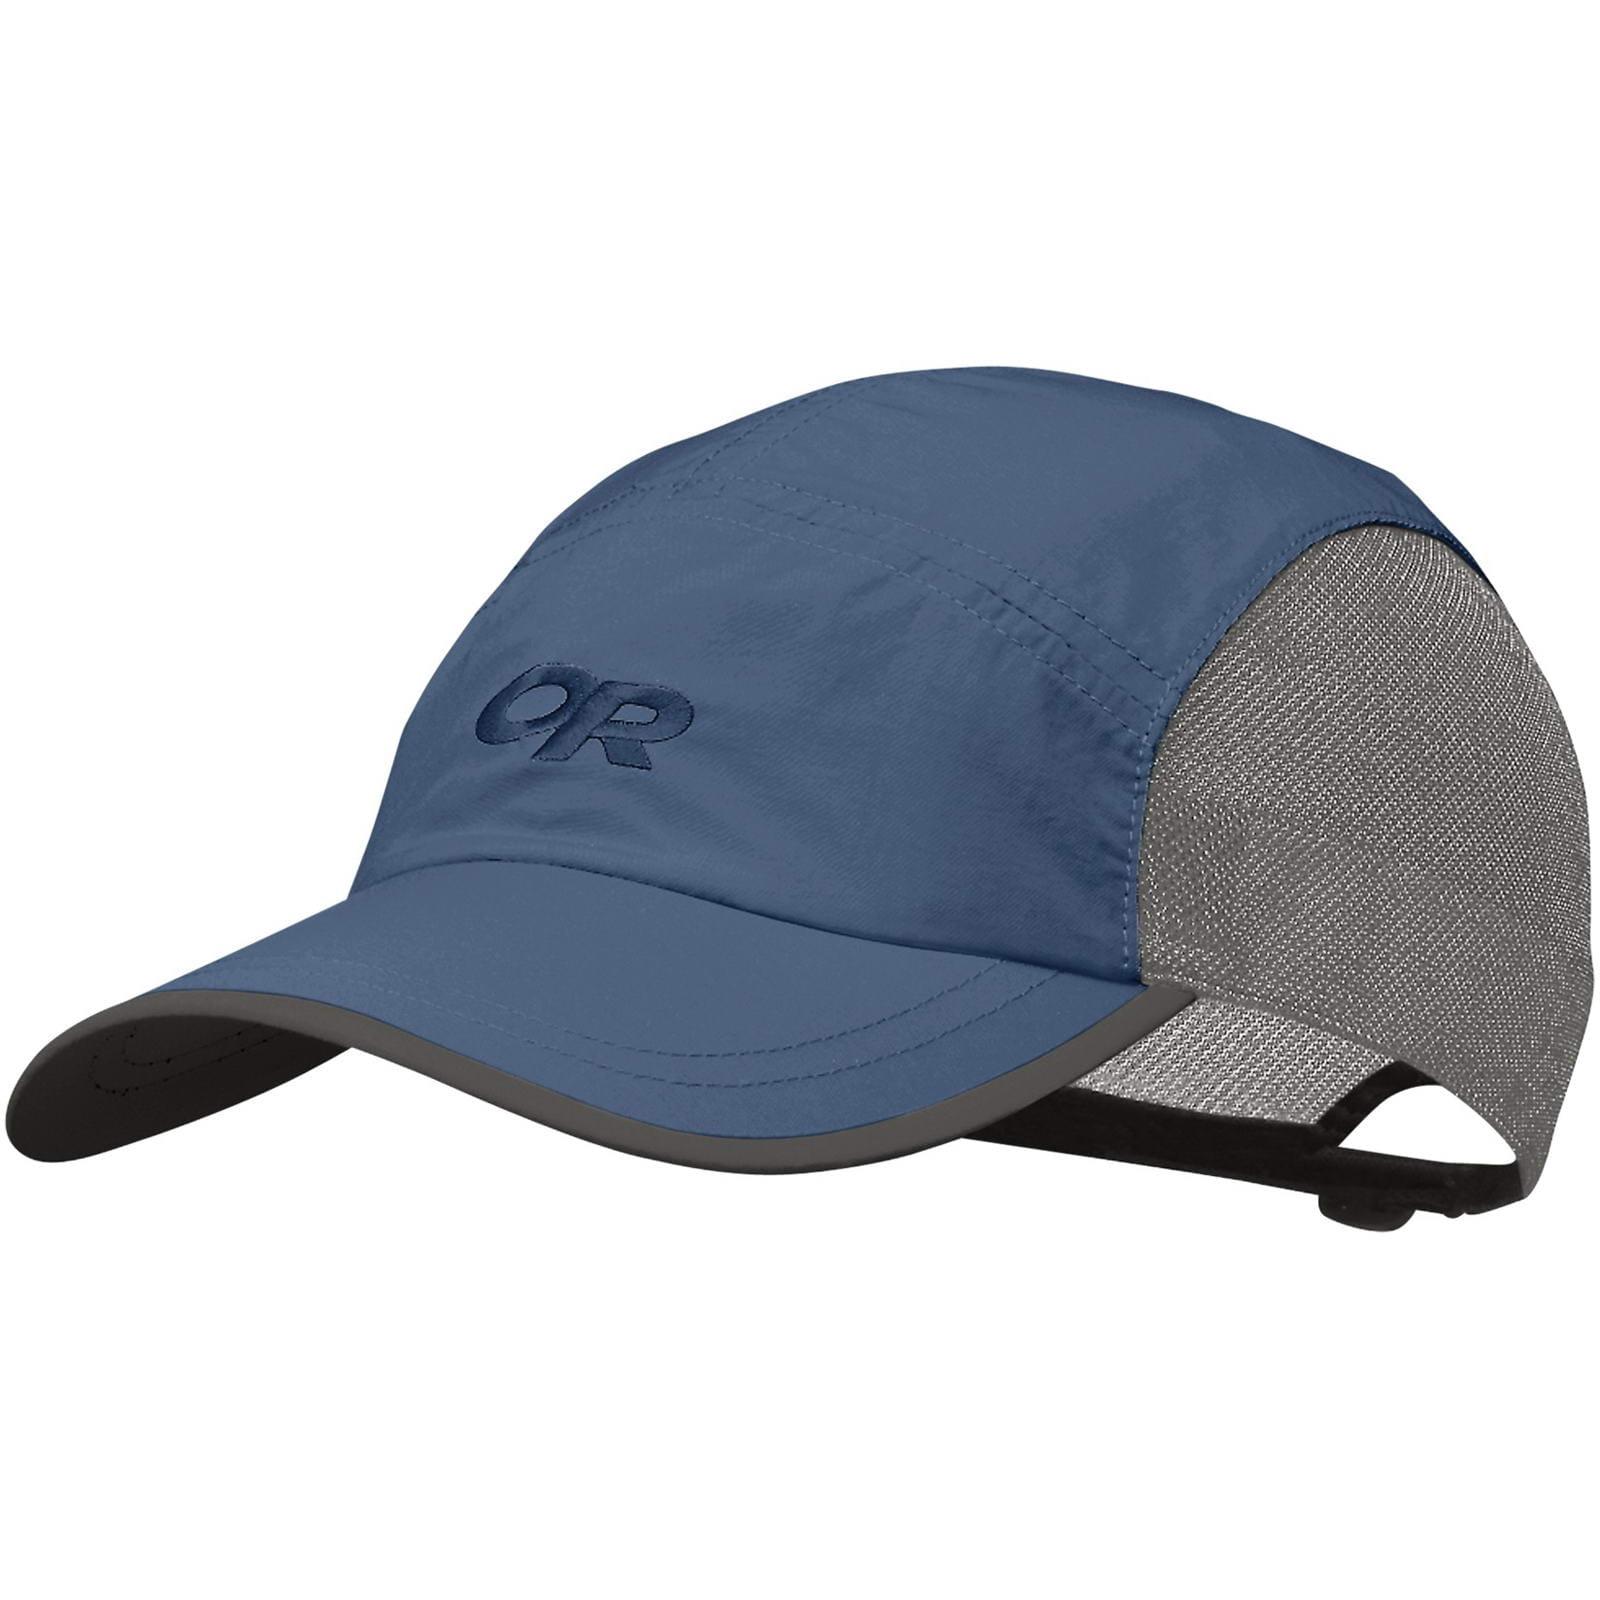 Outdoor Research Swift Cap™ - Basecap dusk-dark grey